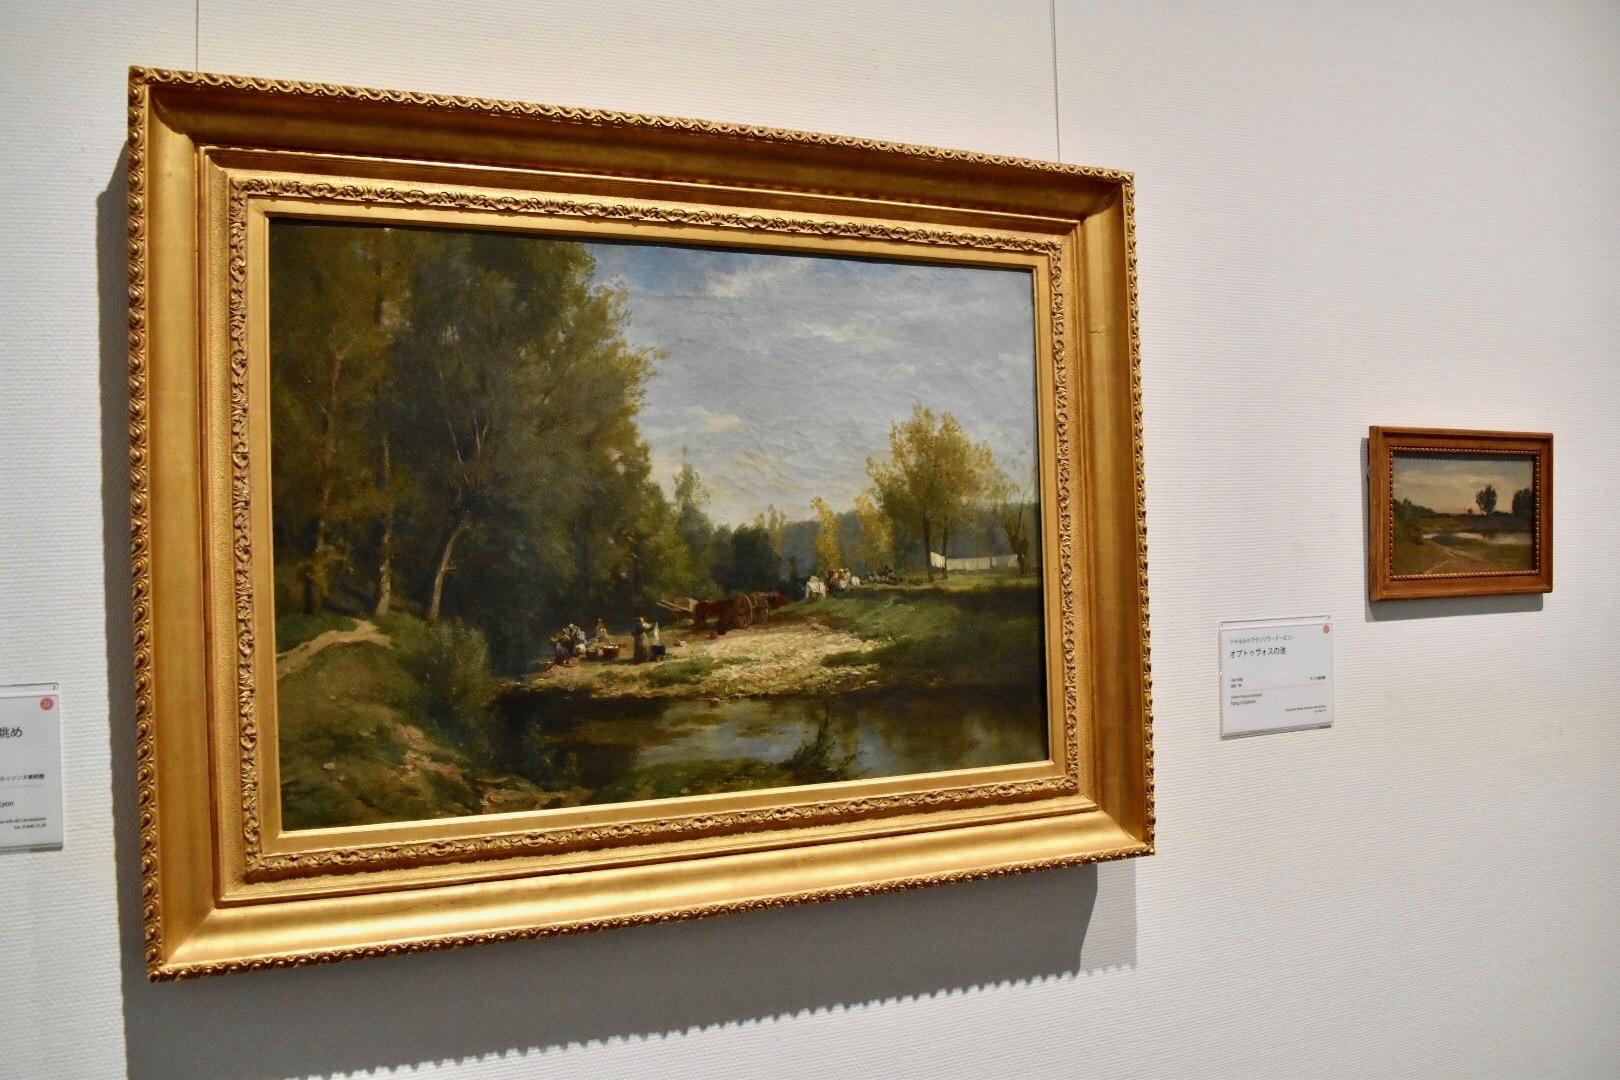 左:シャルル=フランソワ・ドービニー 《リヨン近郊ウランの川岸の眺め》 1848年 カルカッソンヌ美術館蔵 右奥:同画家 《オプトゥヴォスの池》 1849年頃 ランス美術館蔵